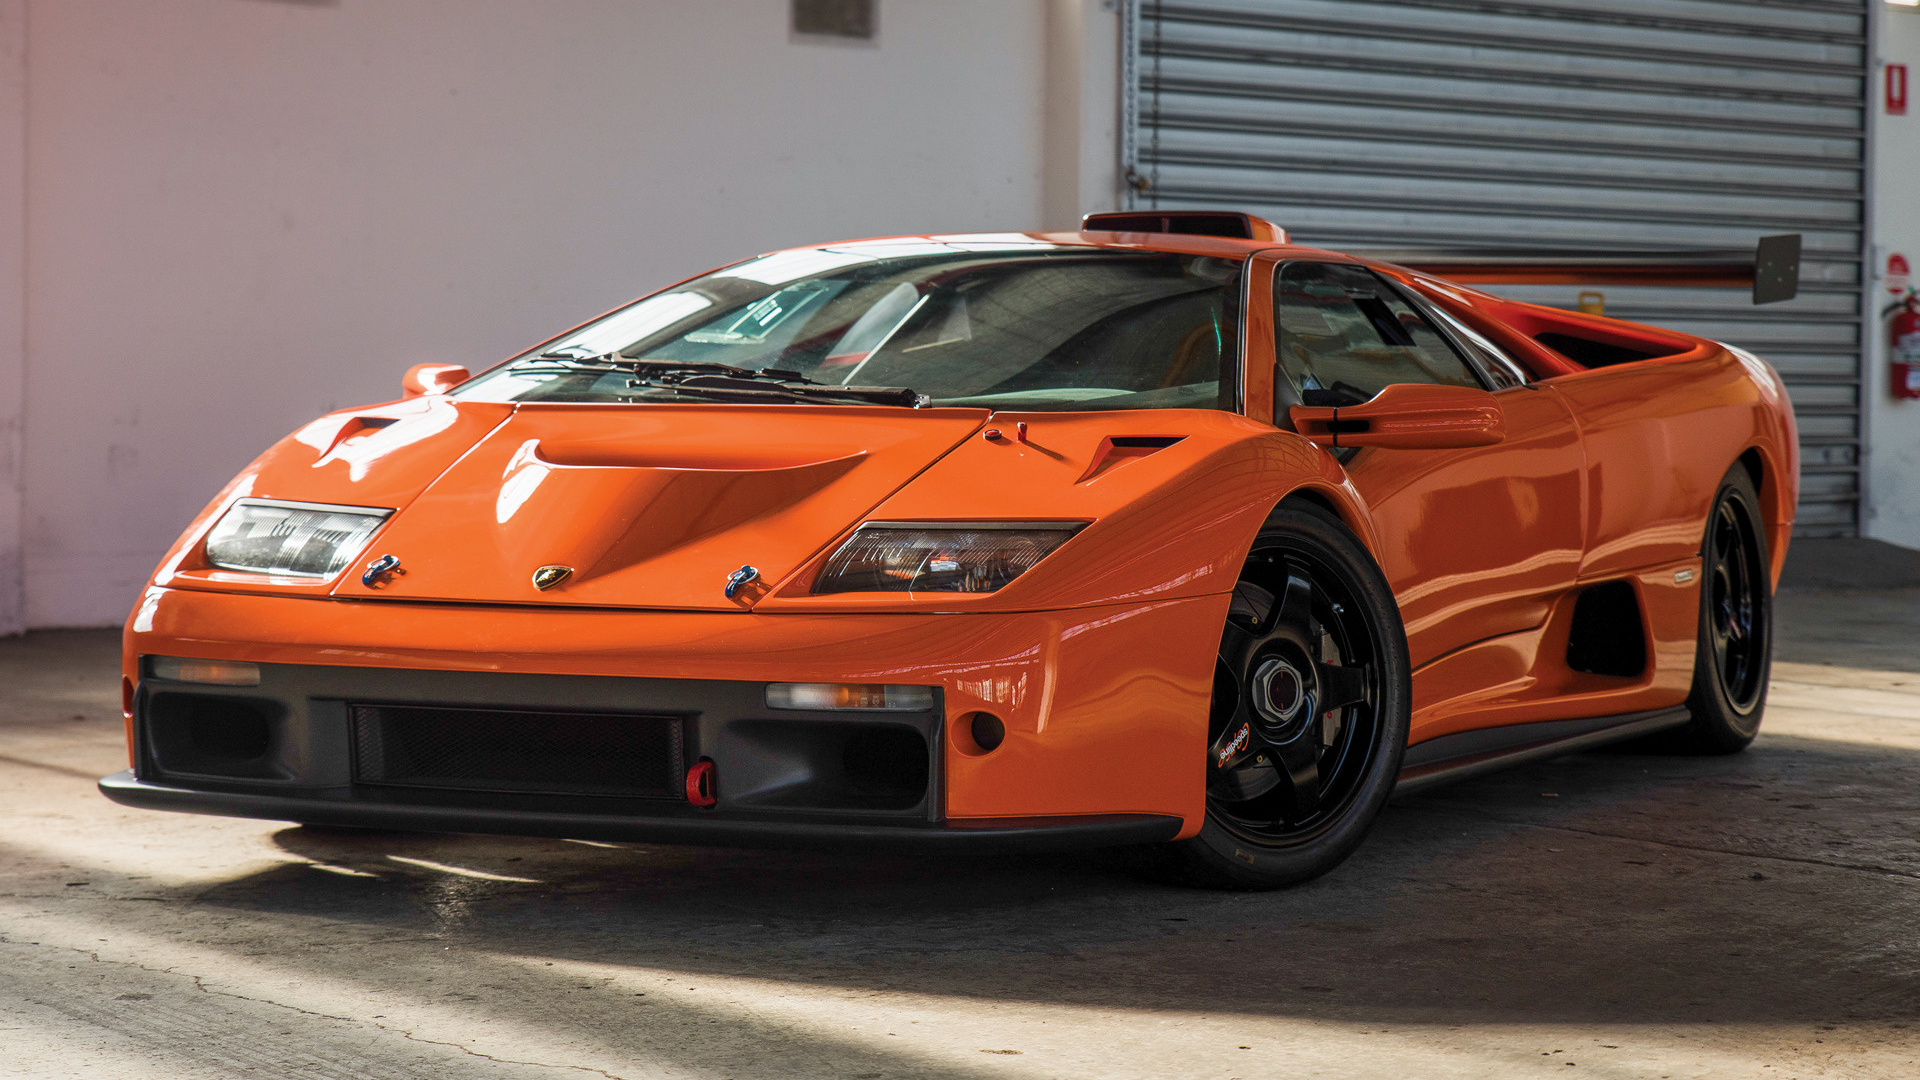 Lamborghini Diablo Gtr 2000 Wallpapers And Hd Images